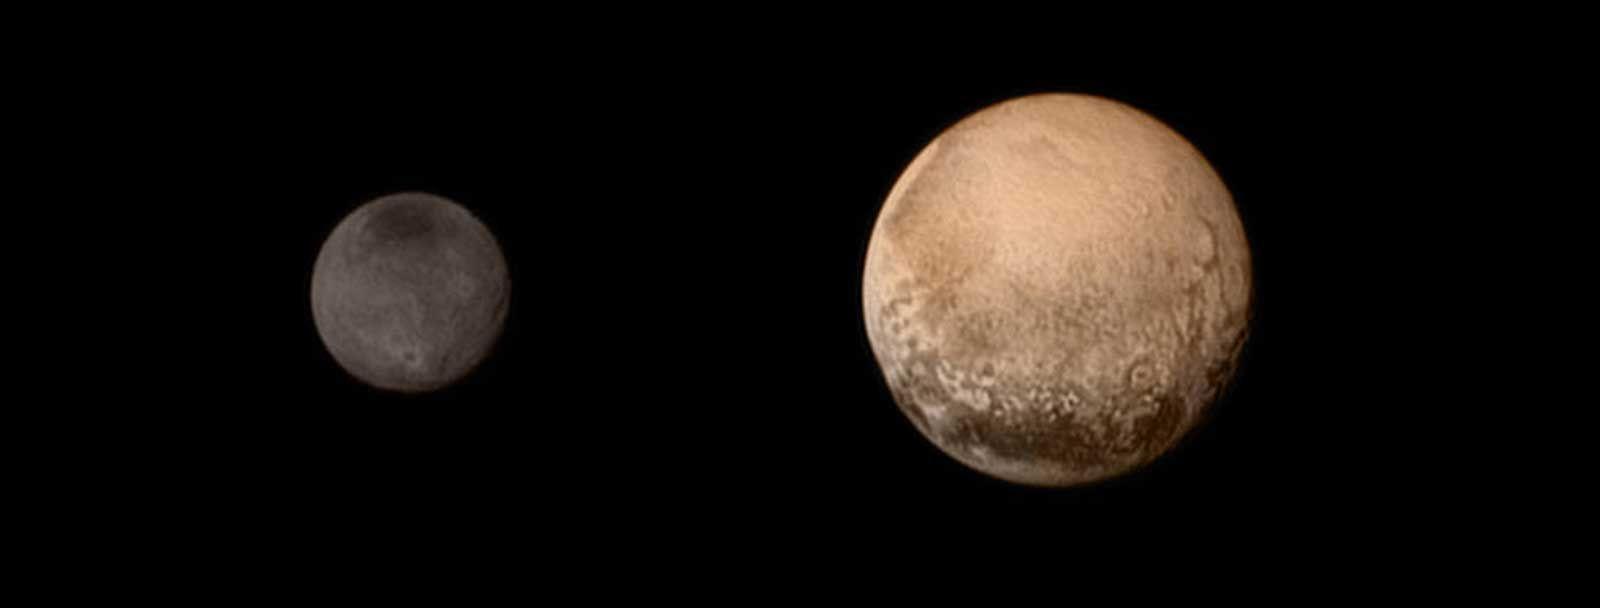 Pluto and Charon (NASA image)